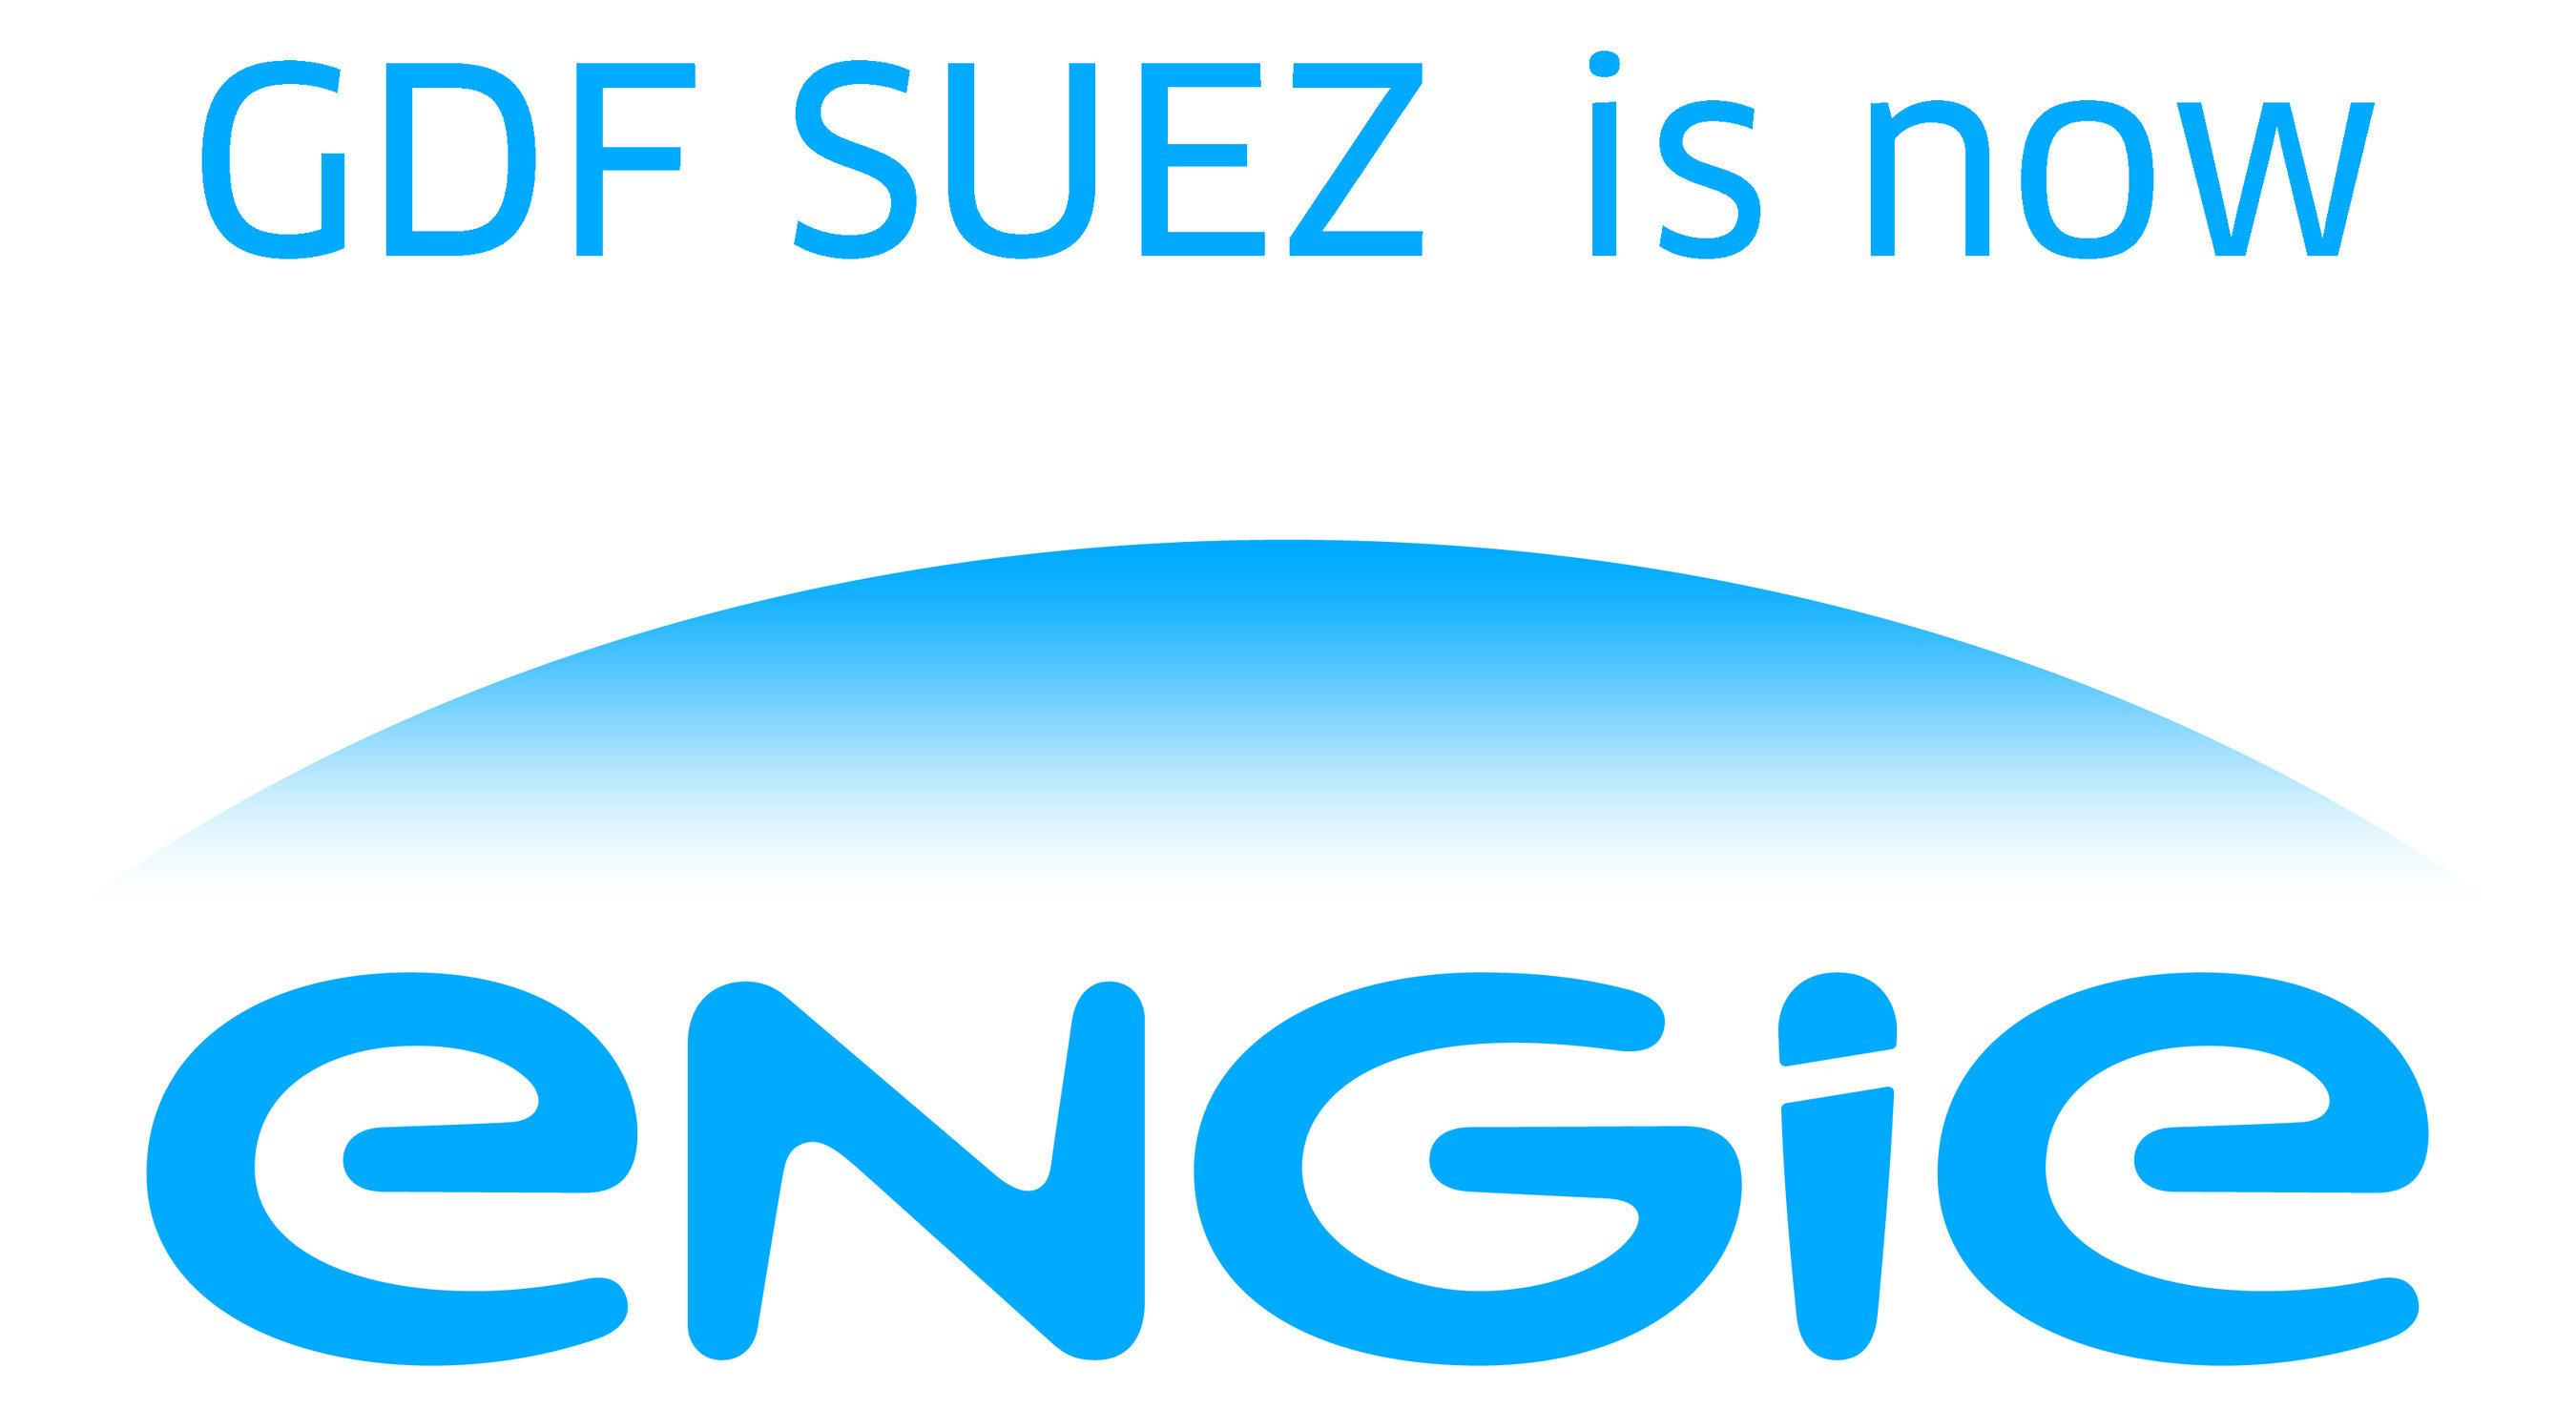 www.gdfsuezenergyresources.com